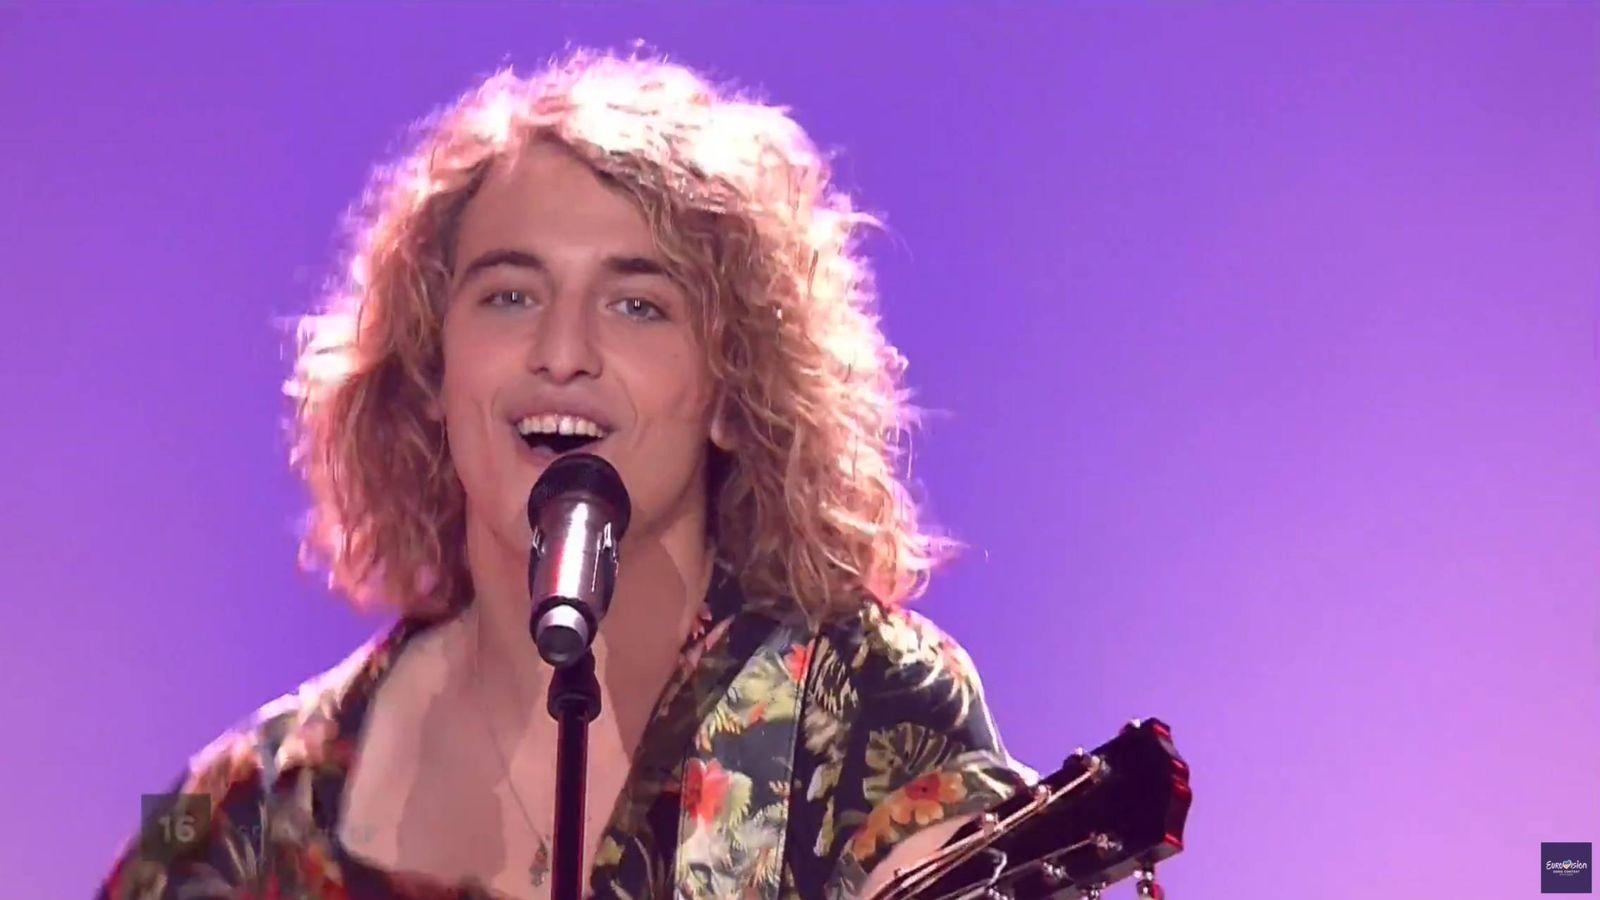 Foto: Manel Navarro en su actuación en Kiev, Eurovisión 2017.